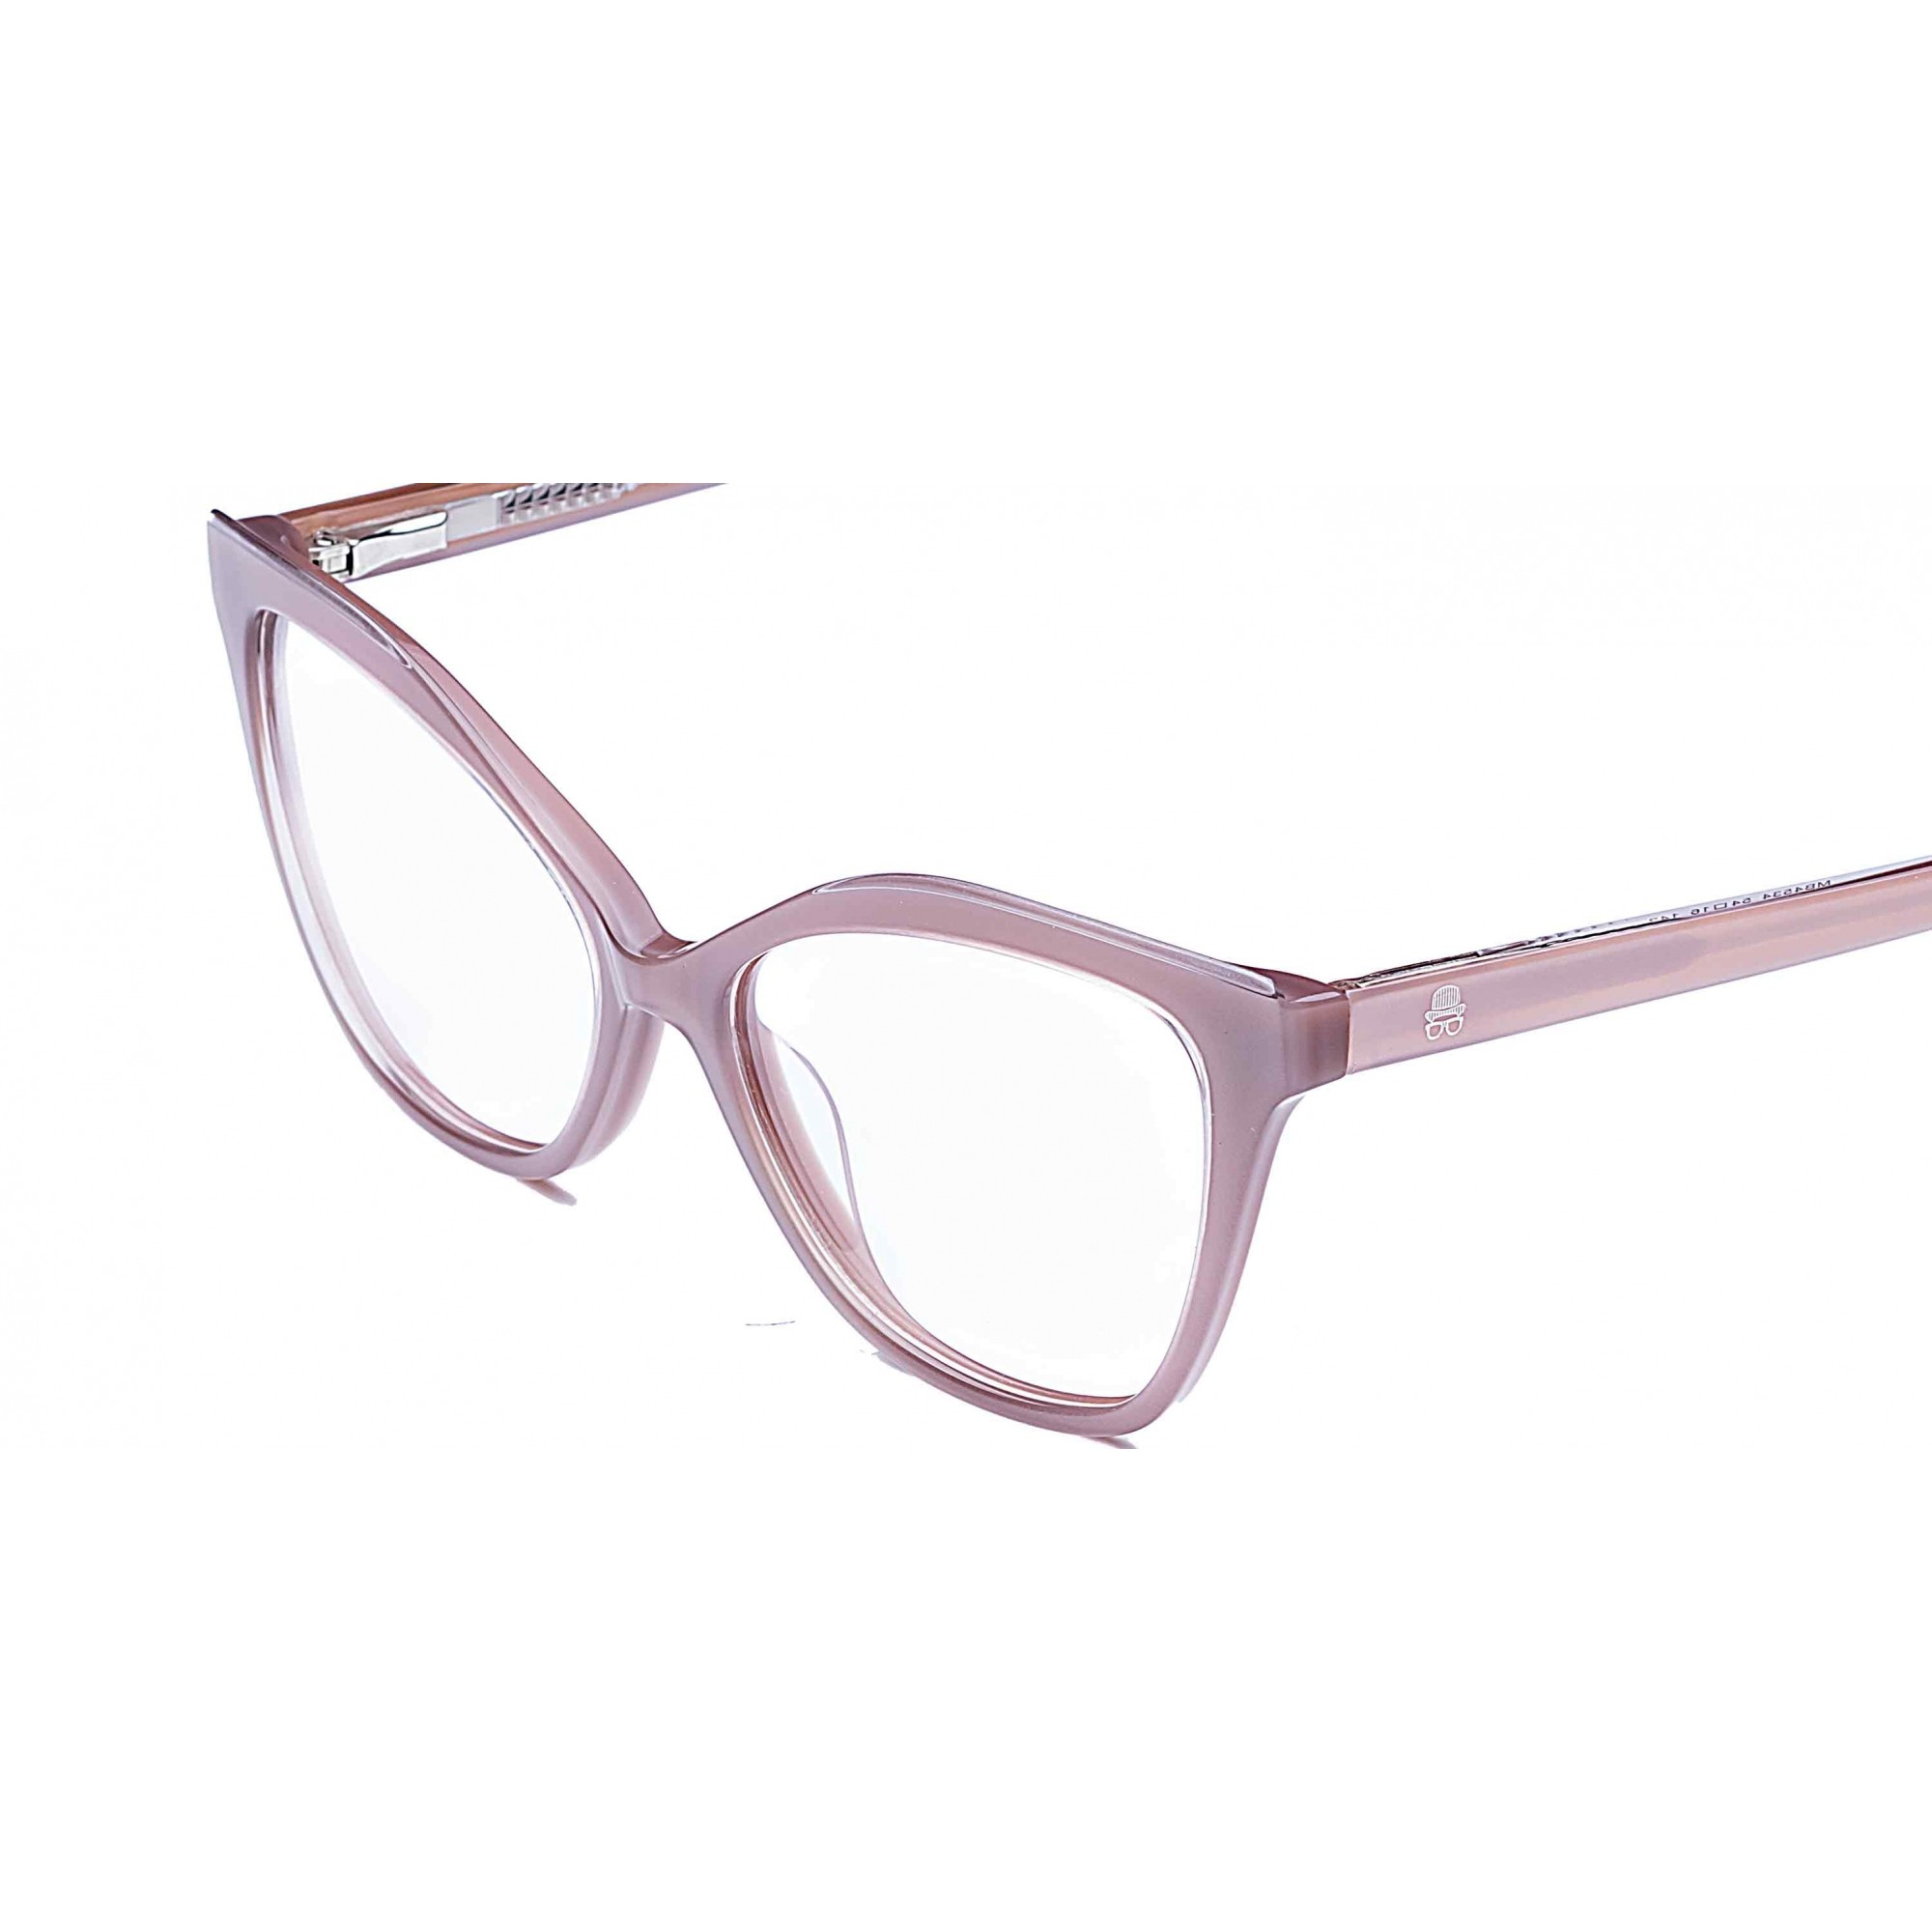 Óculos de Grau Illusion Rafael Lopes